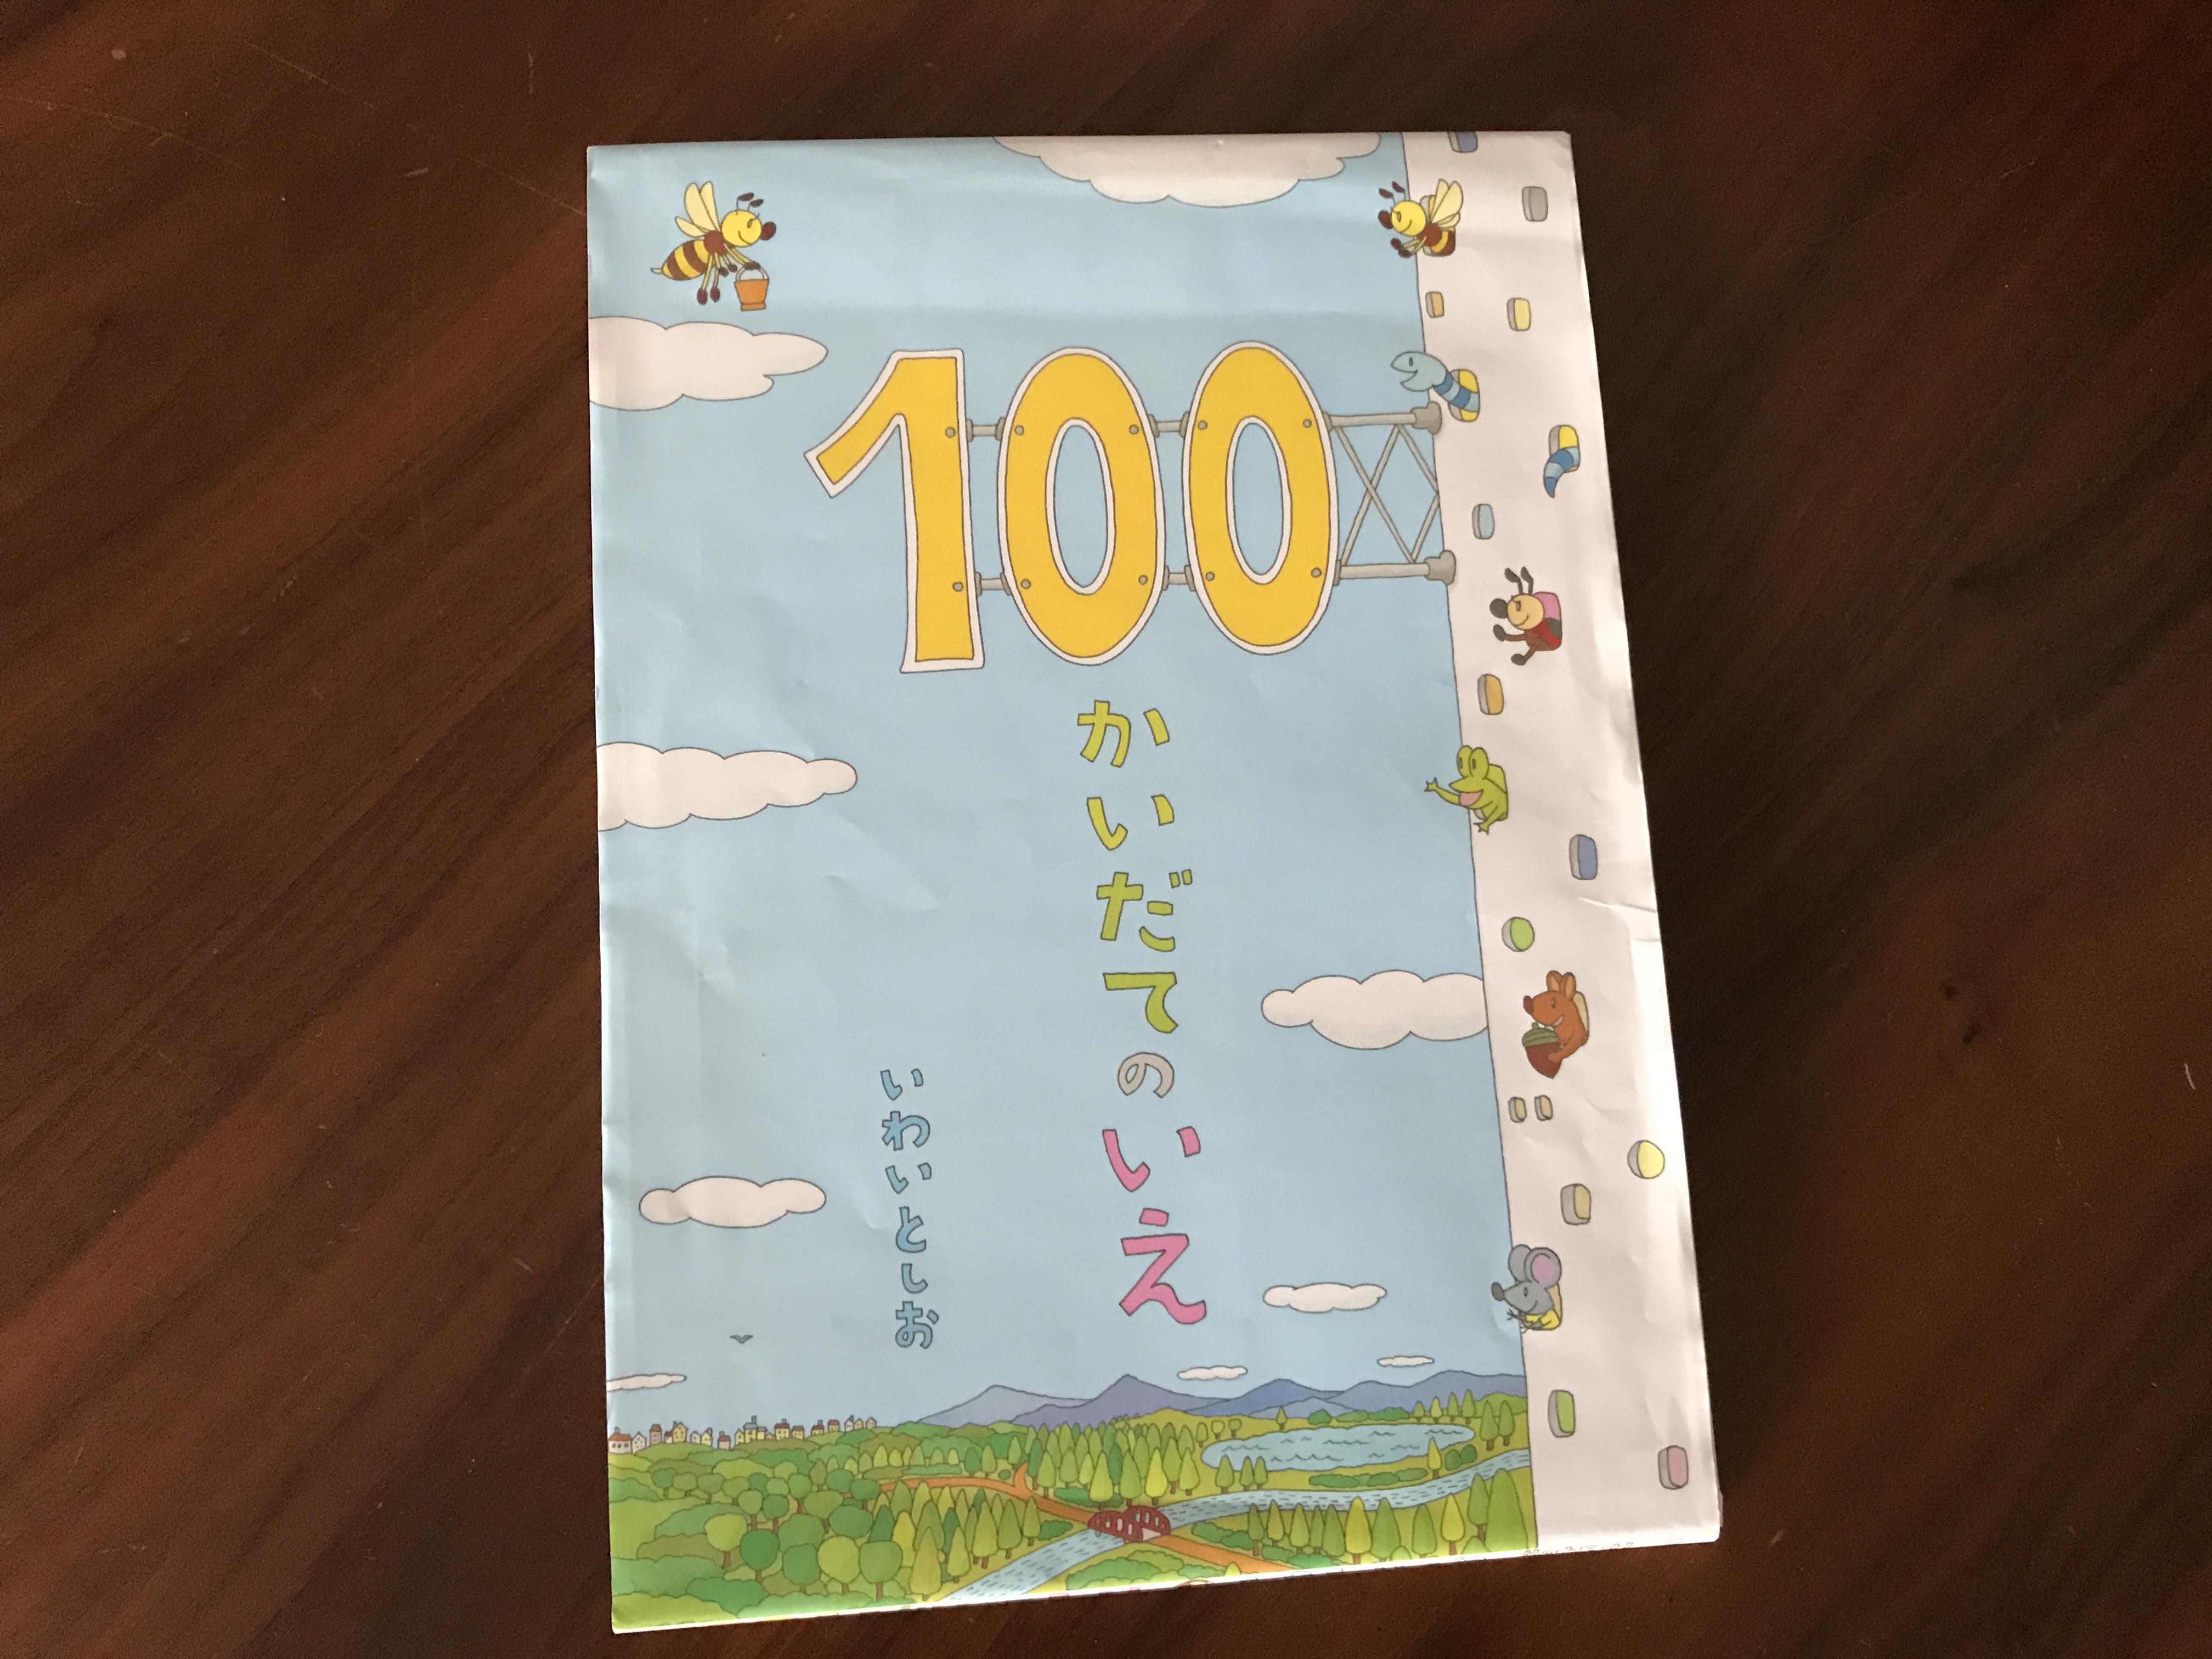 【100かいだてのいえ展覧会in大阪】阪急うめだチケットや内容は?